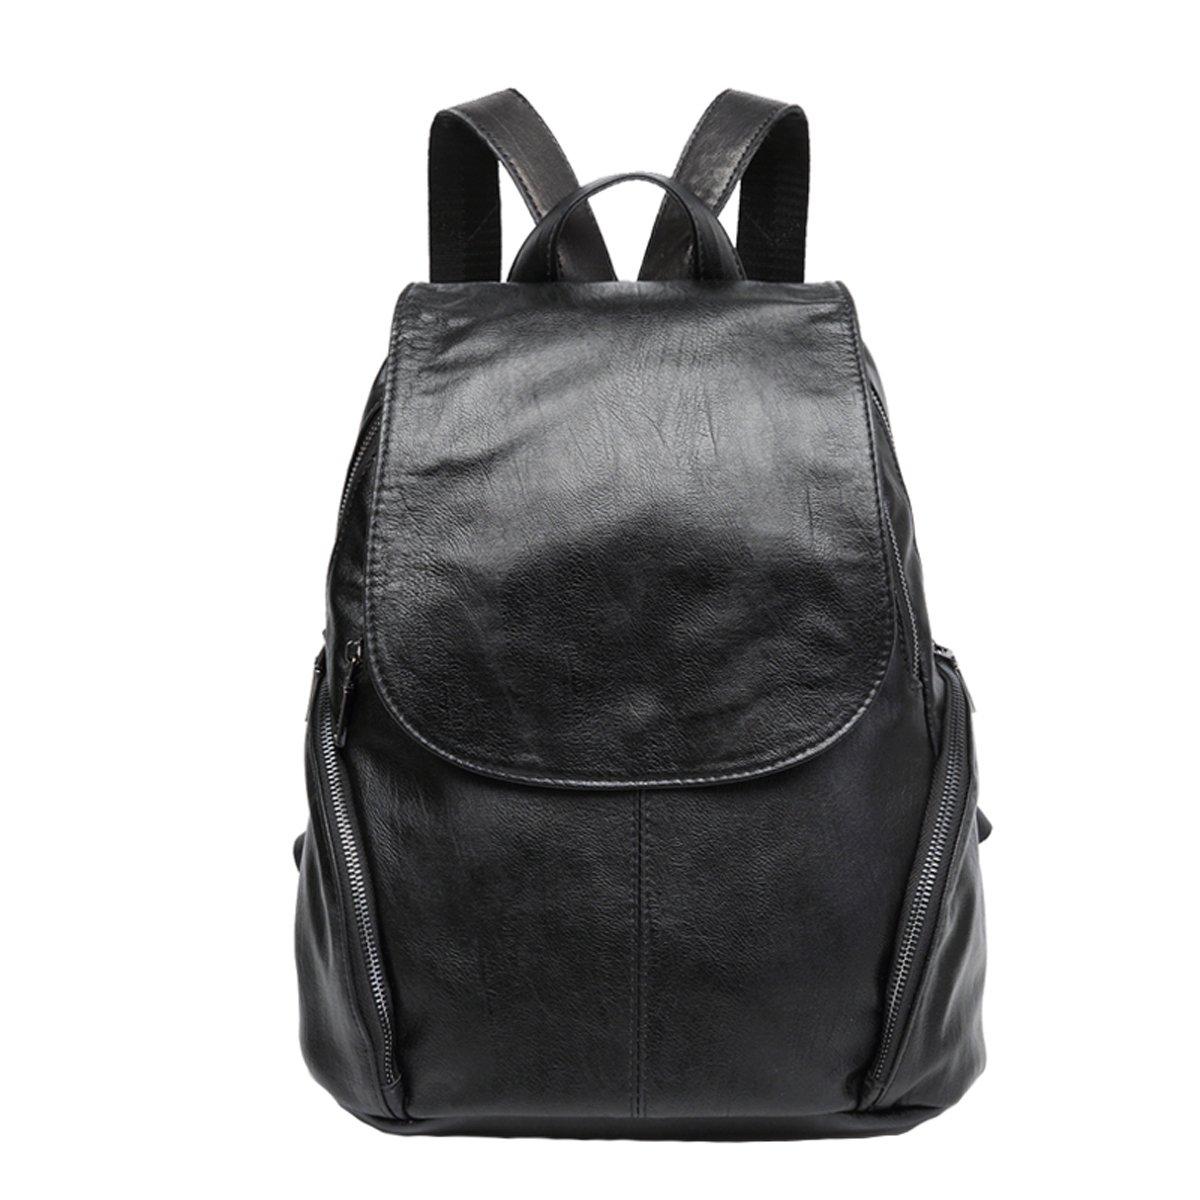 TUBACKPACK Soft Genuine Leather Backpack Shoulders Handbags Women's Satchel bag pockets for Girls